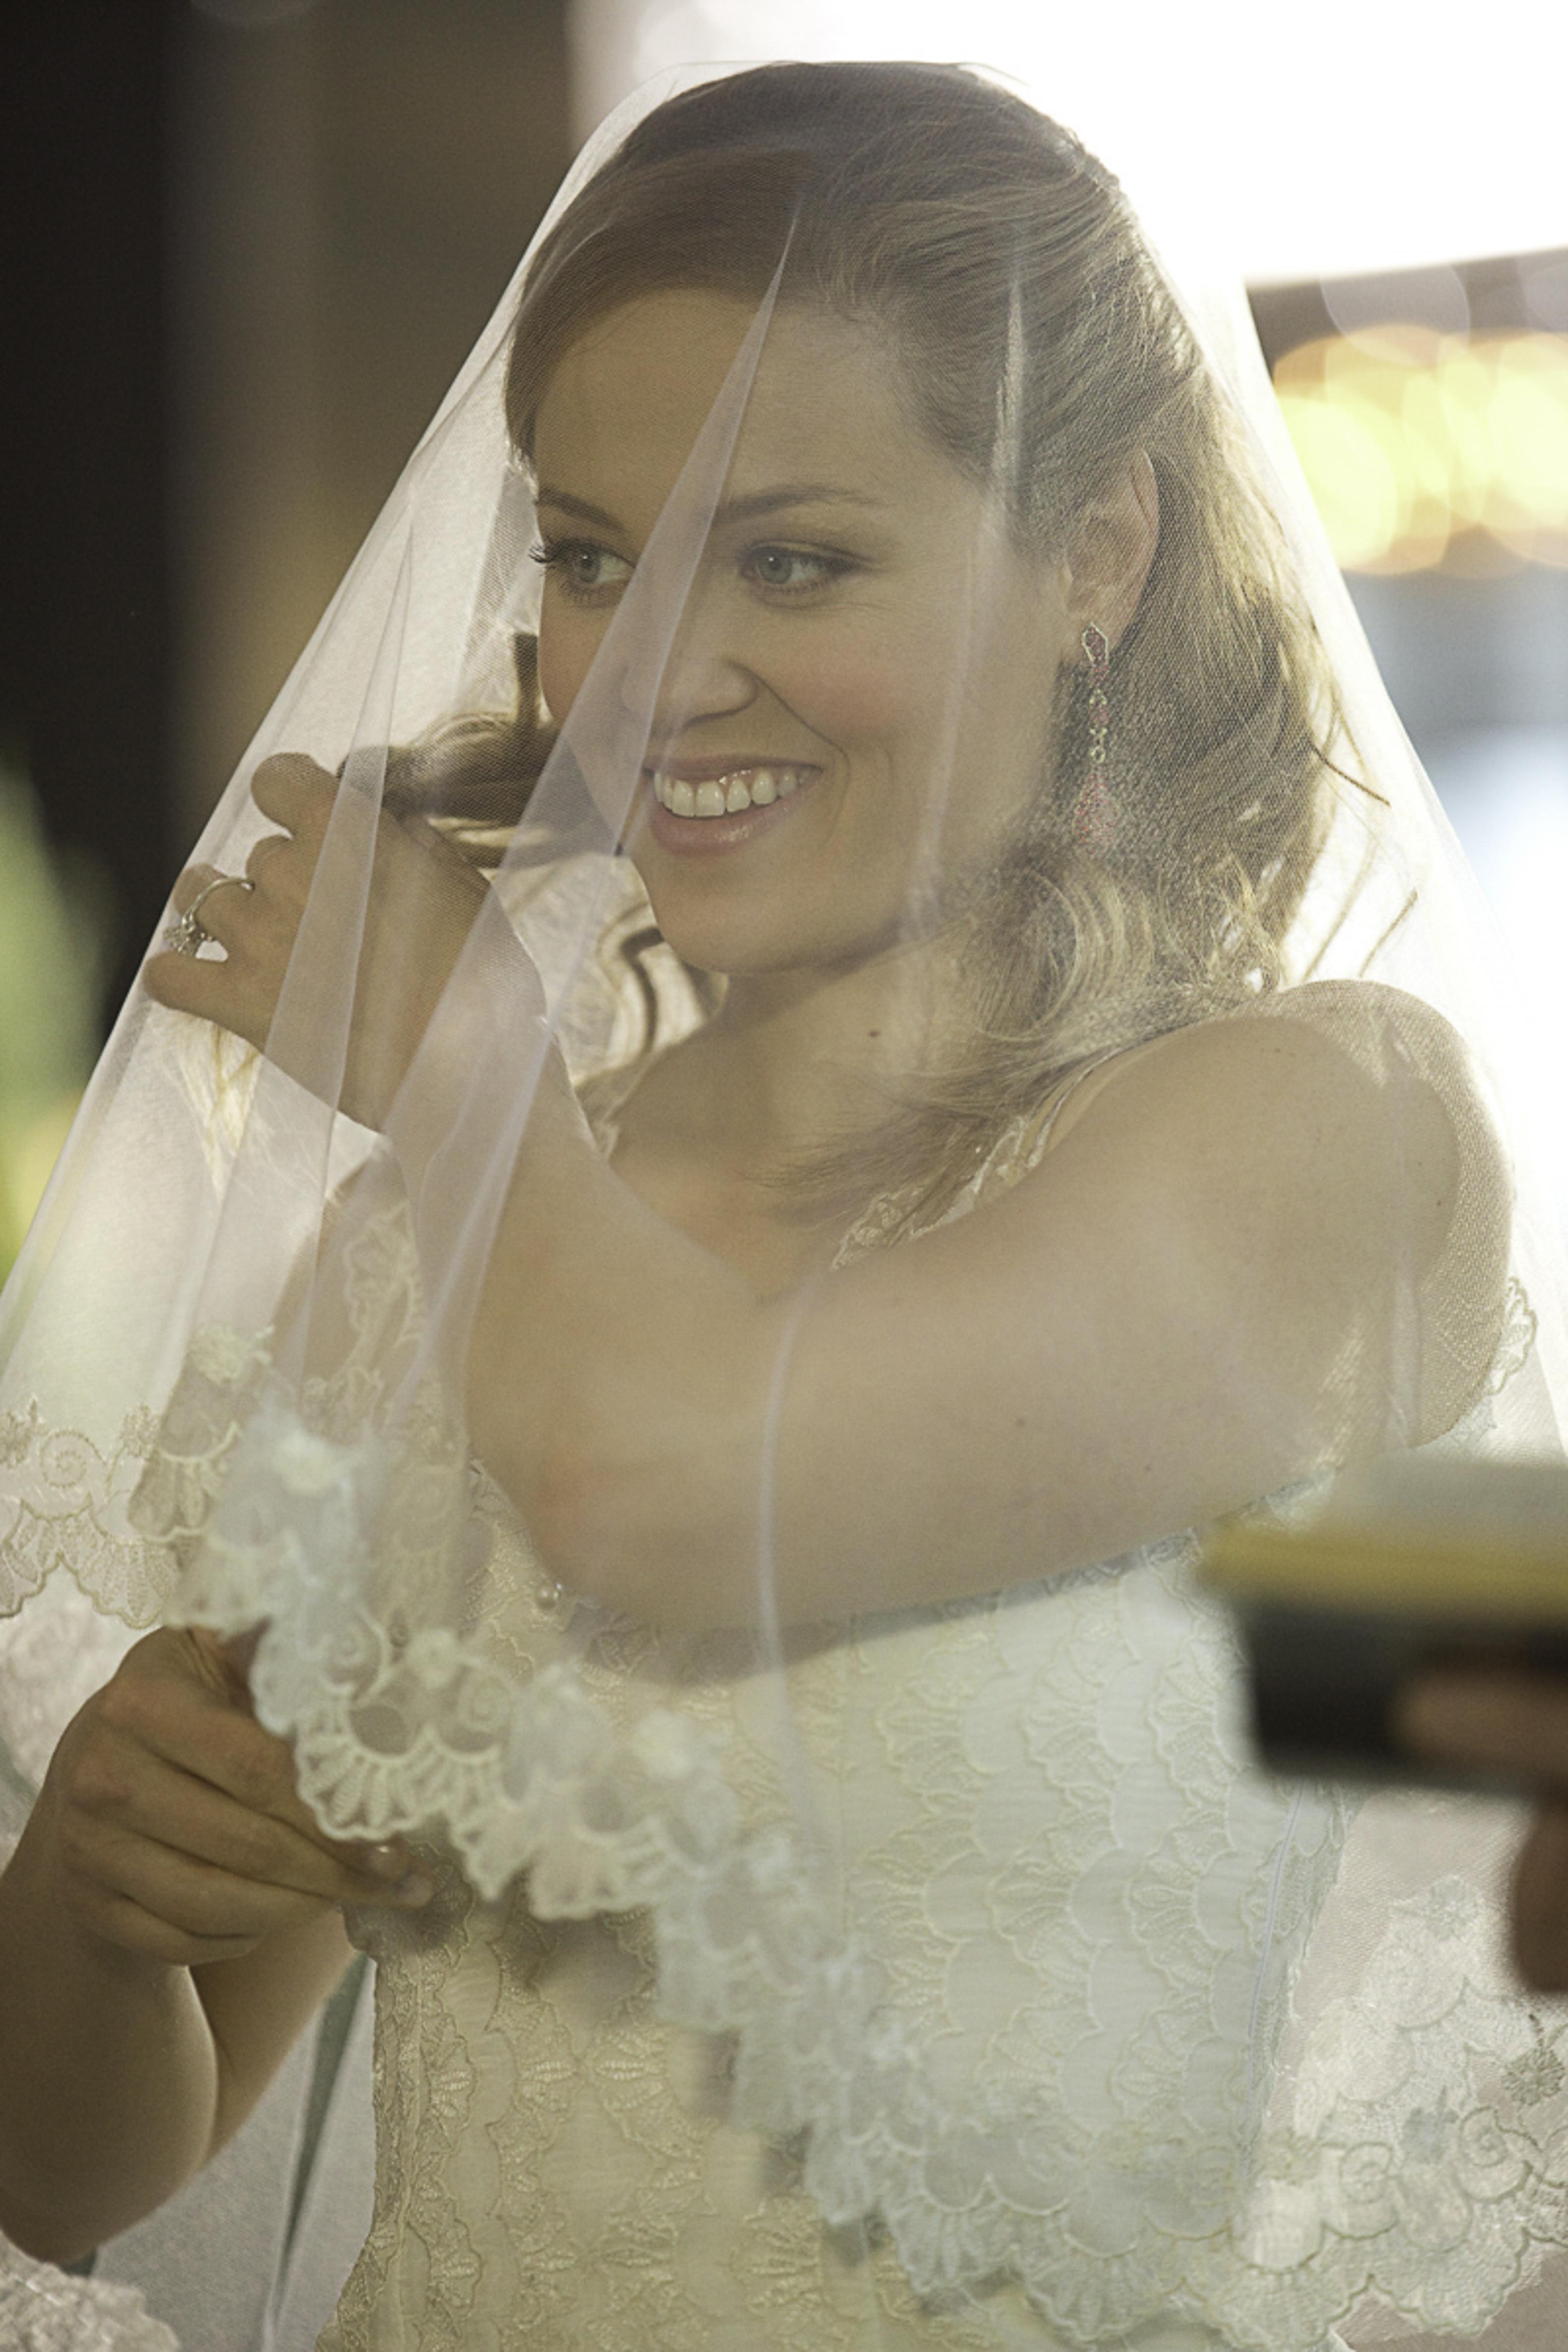 brenda-falvey-film-stills-production-photographer-whistler-119